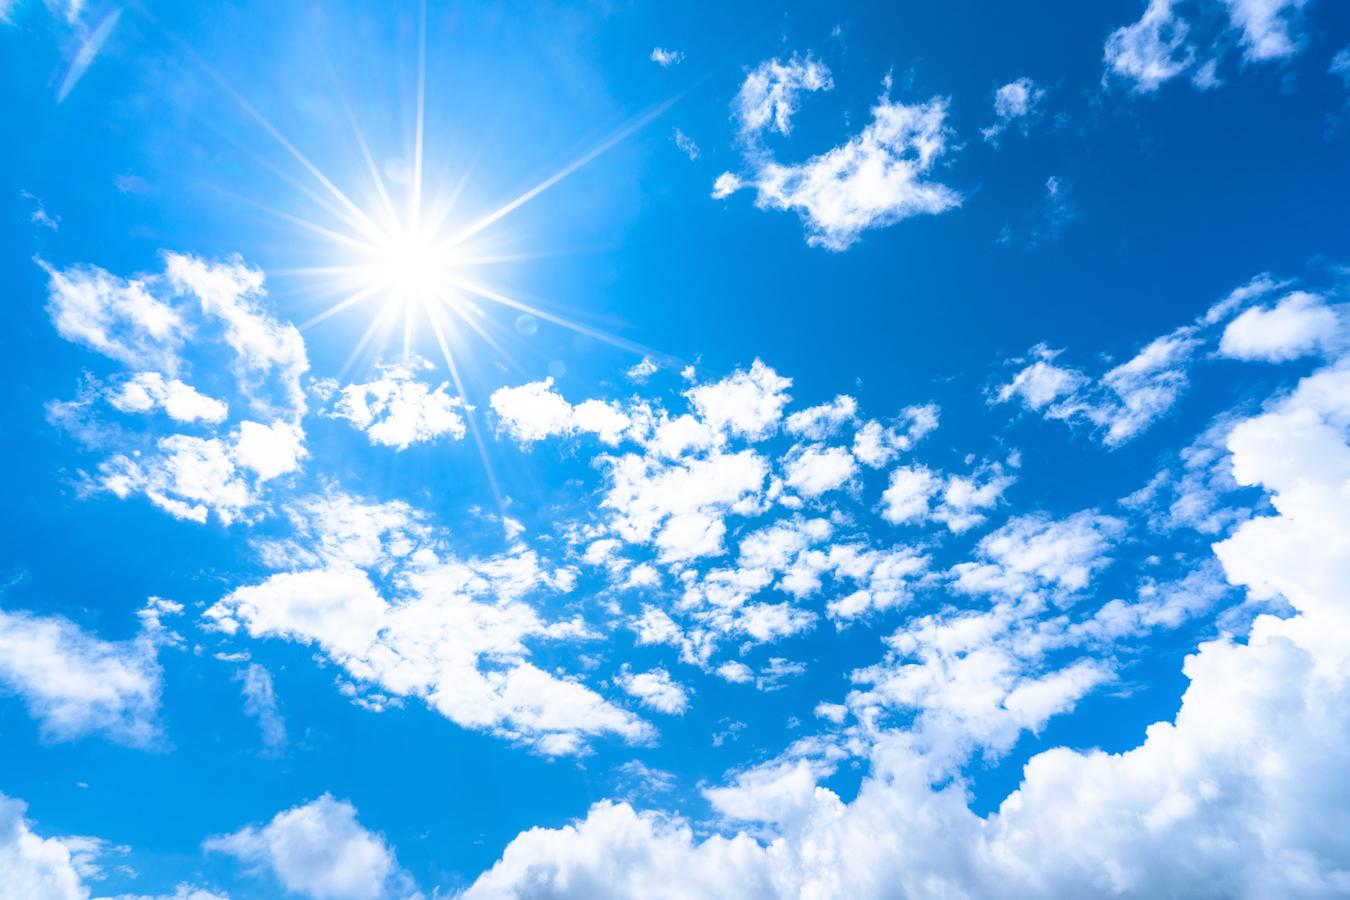 世界中で懸念される「気候変動」